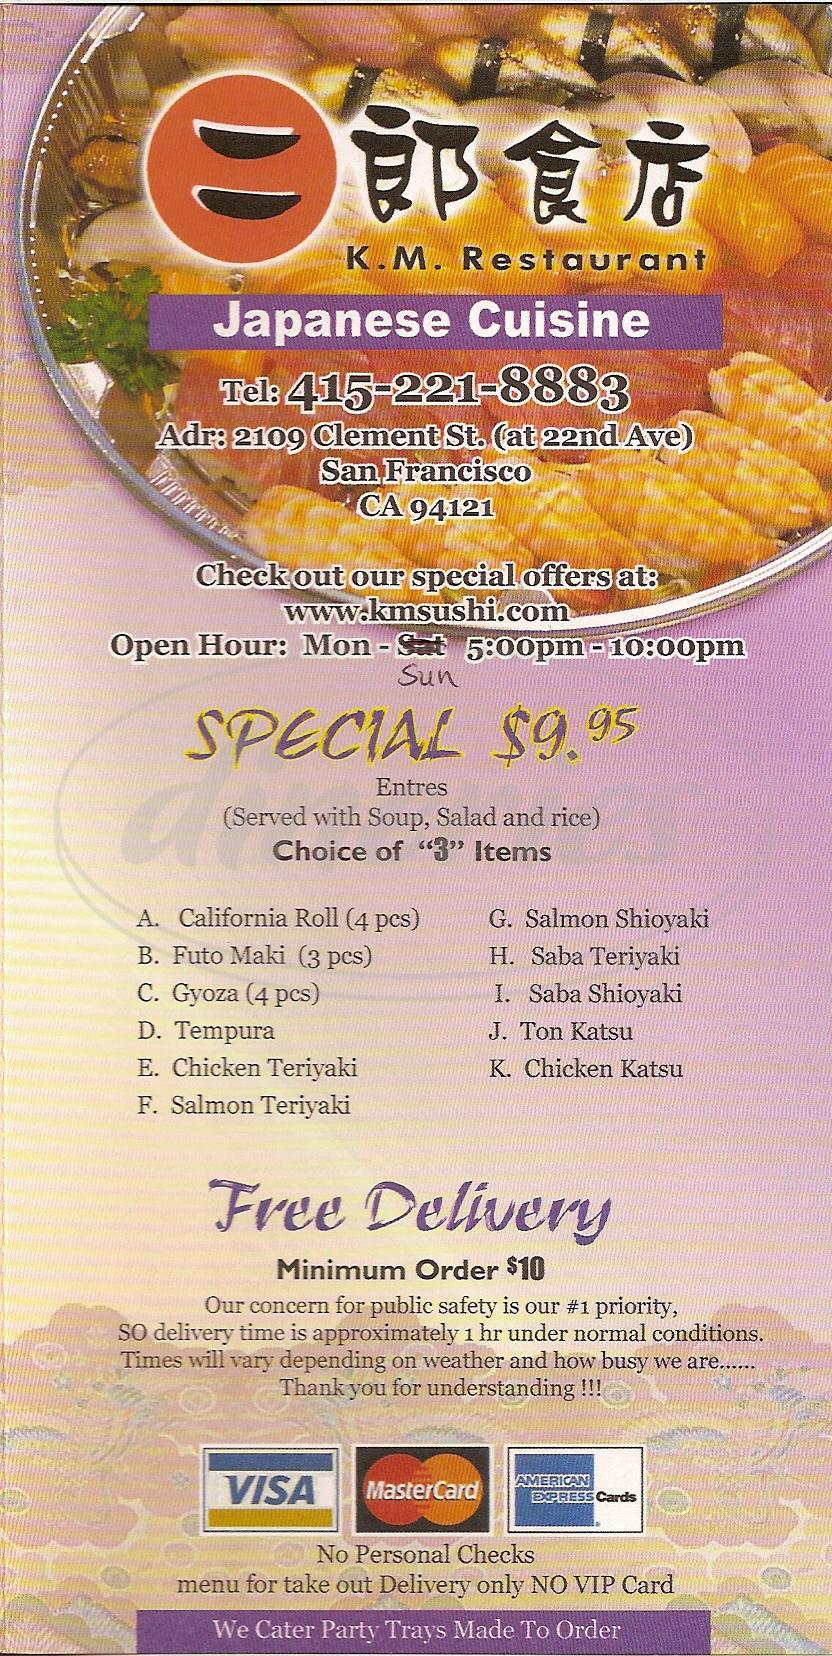 menu for Kum Moon Restaurant